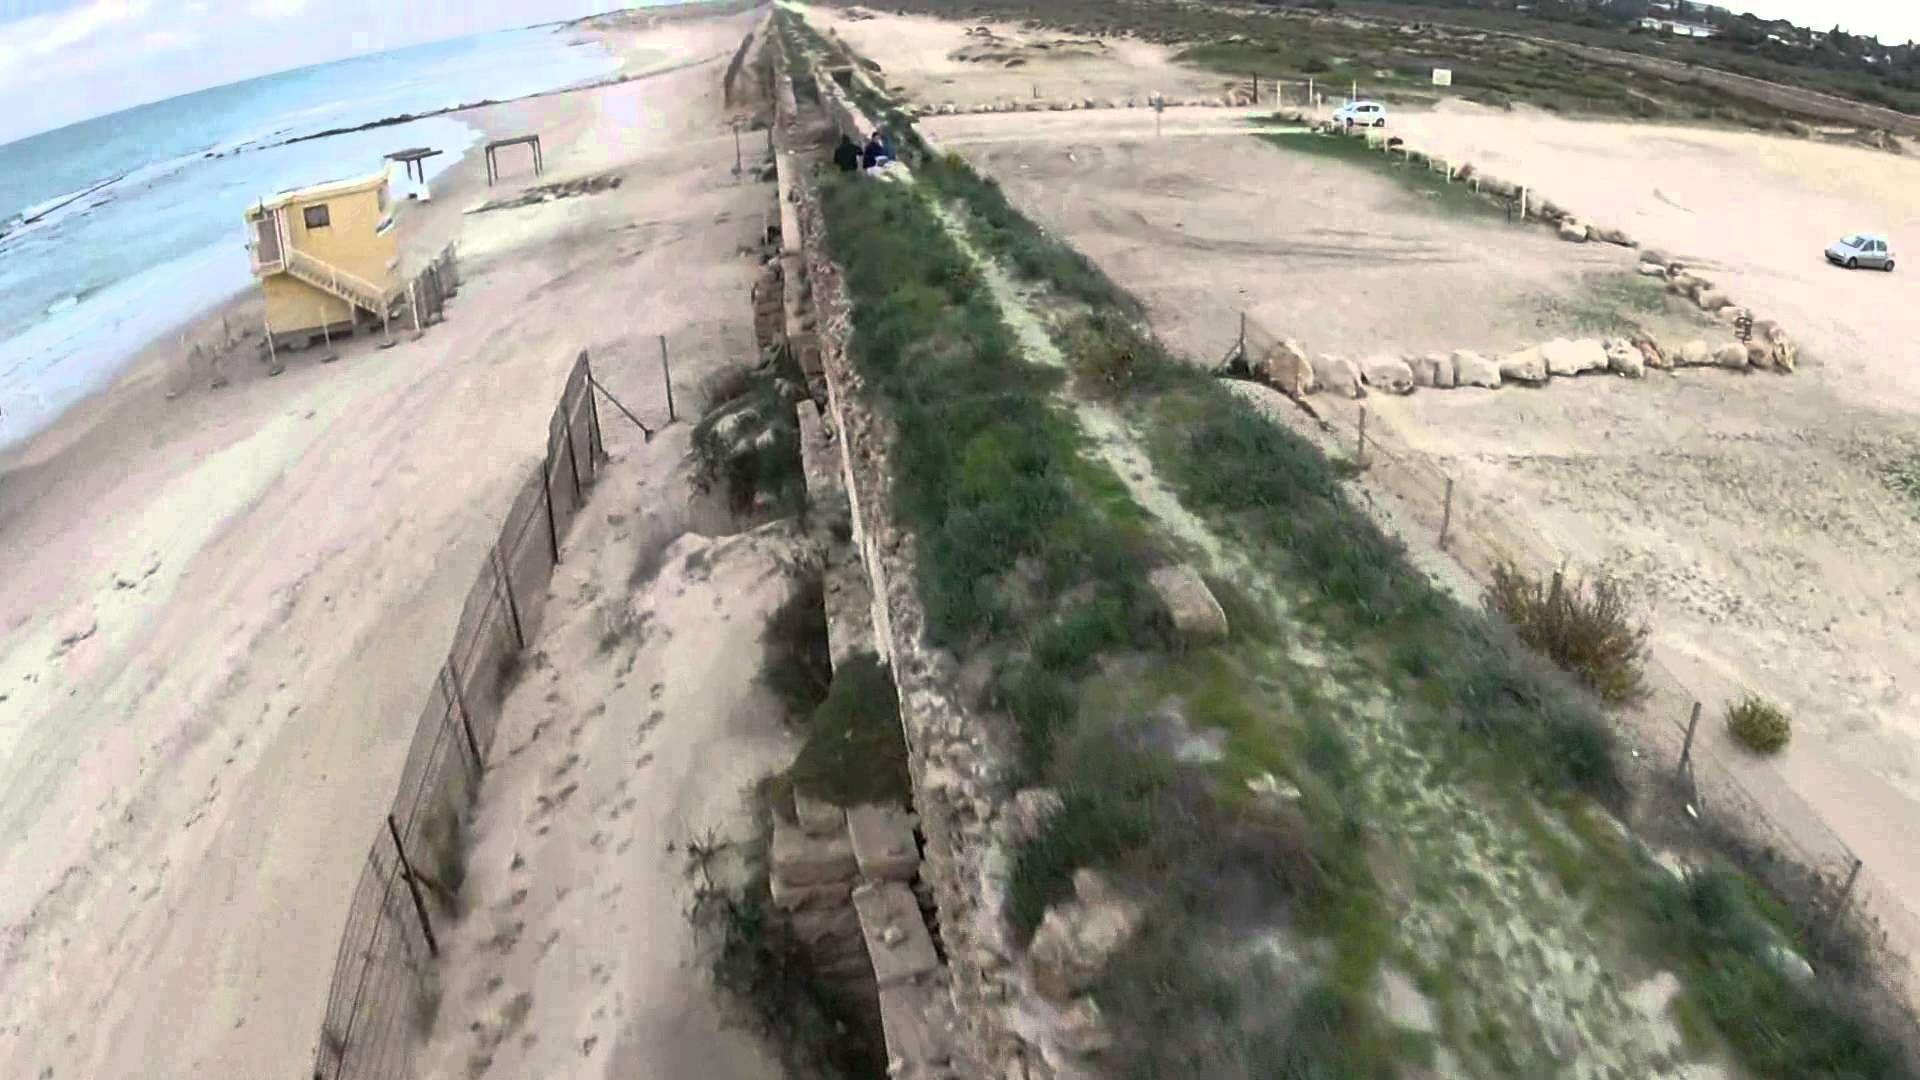 Caesarea Aqueduct, Caesarea, Israel aerial - Google Search